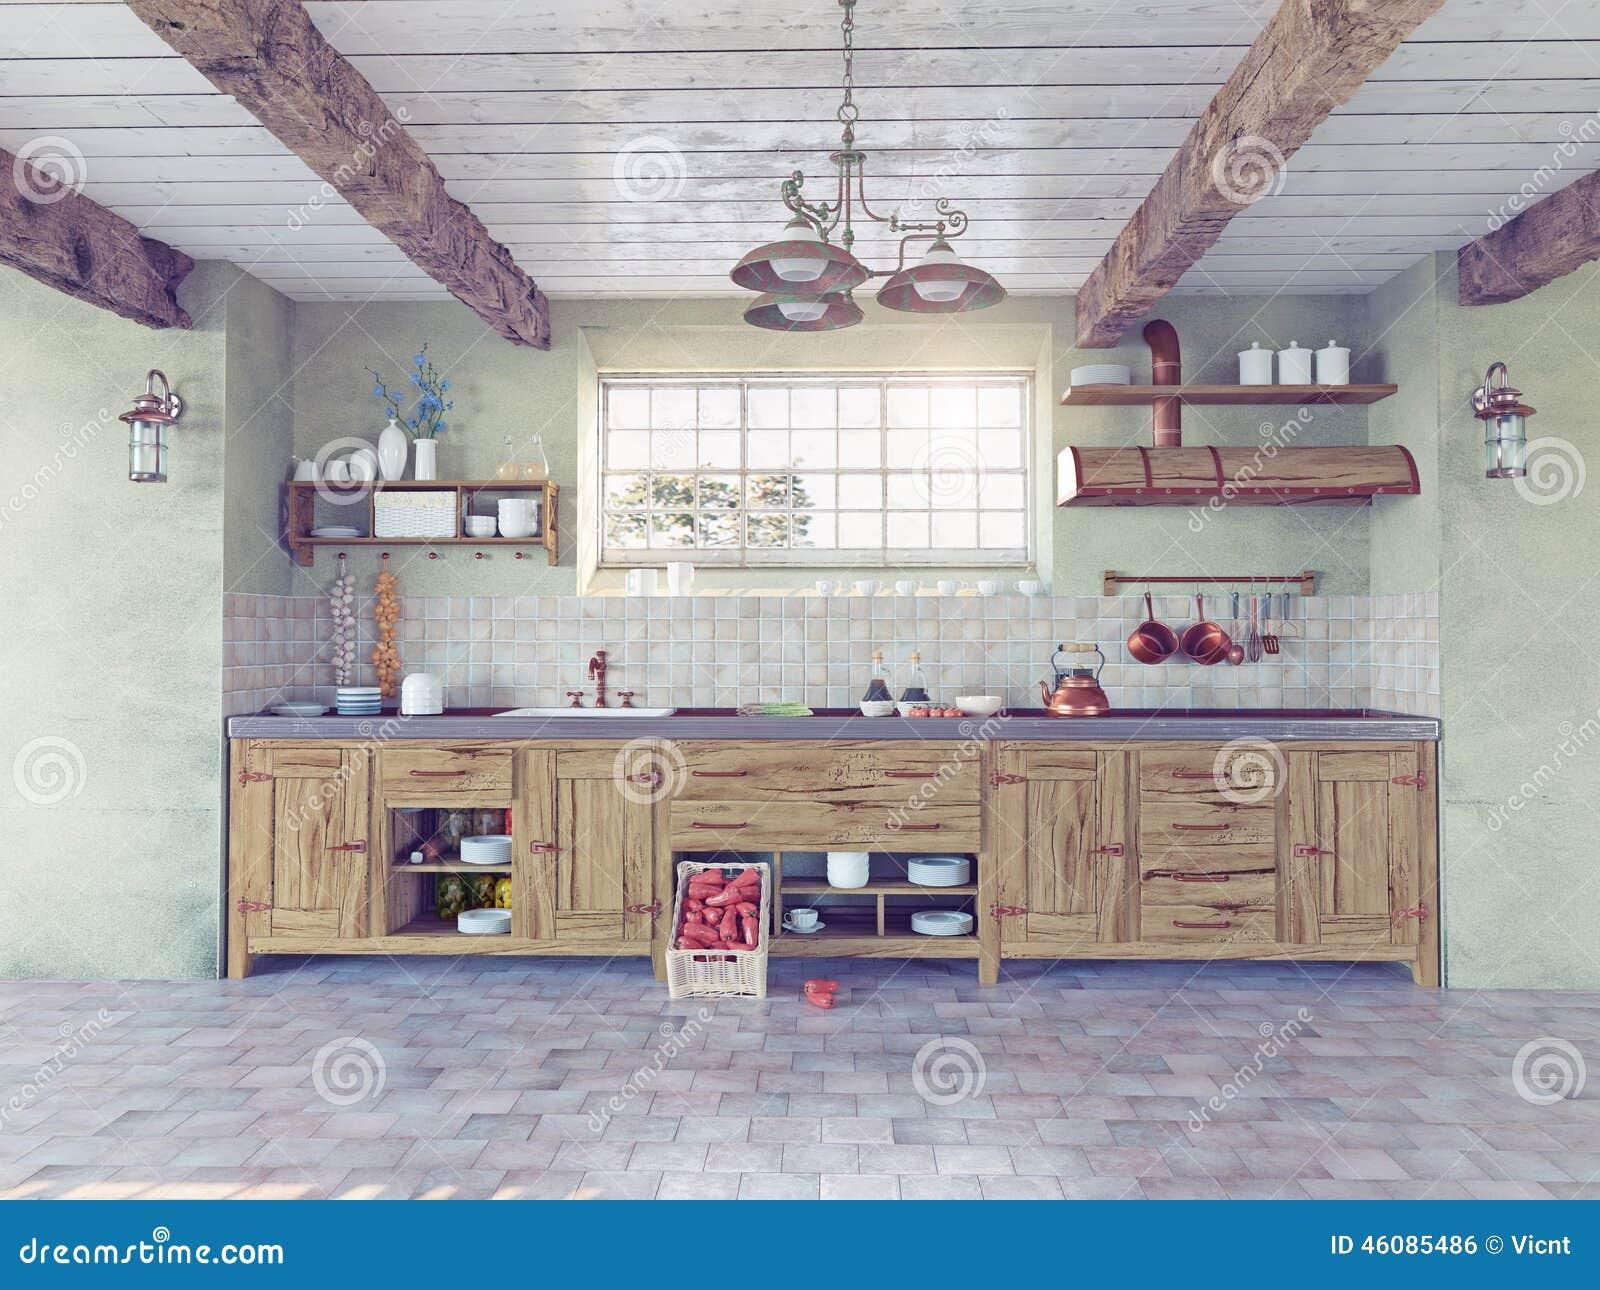 old-style kitchen interior stock illustration - image: 46085486